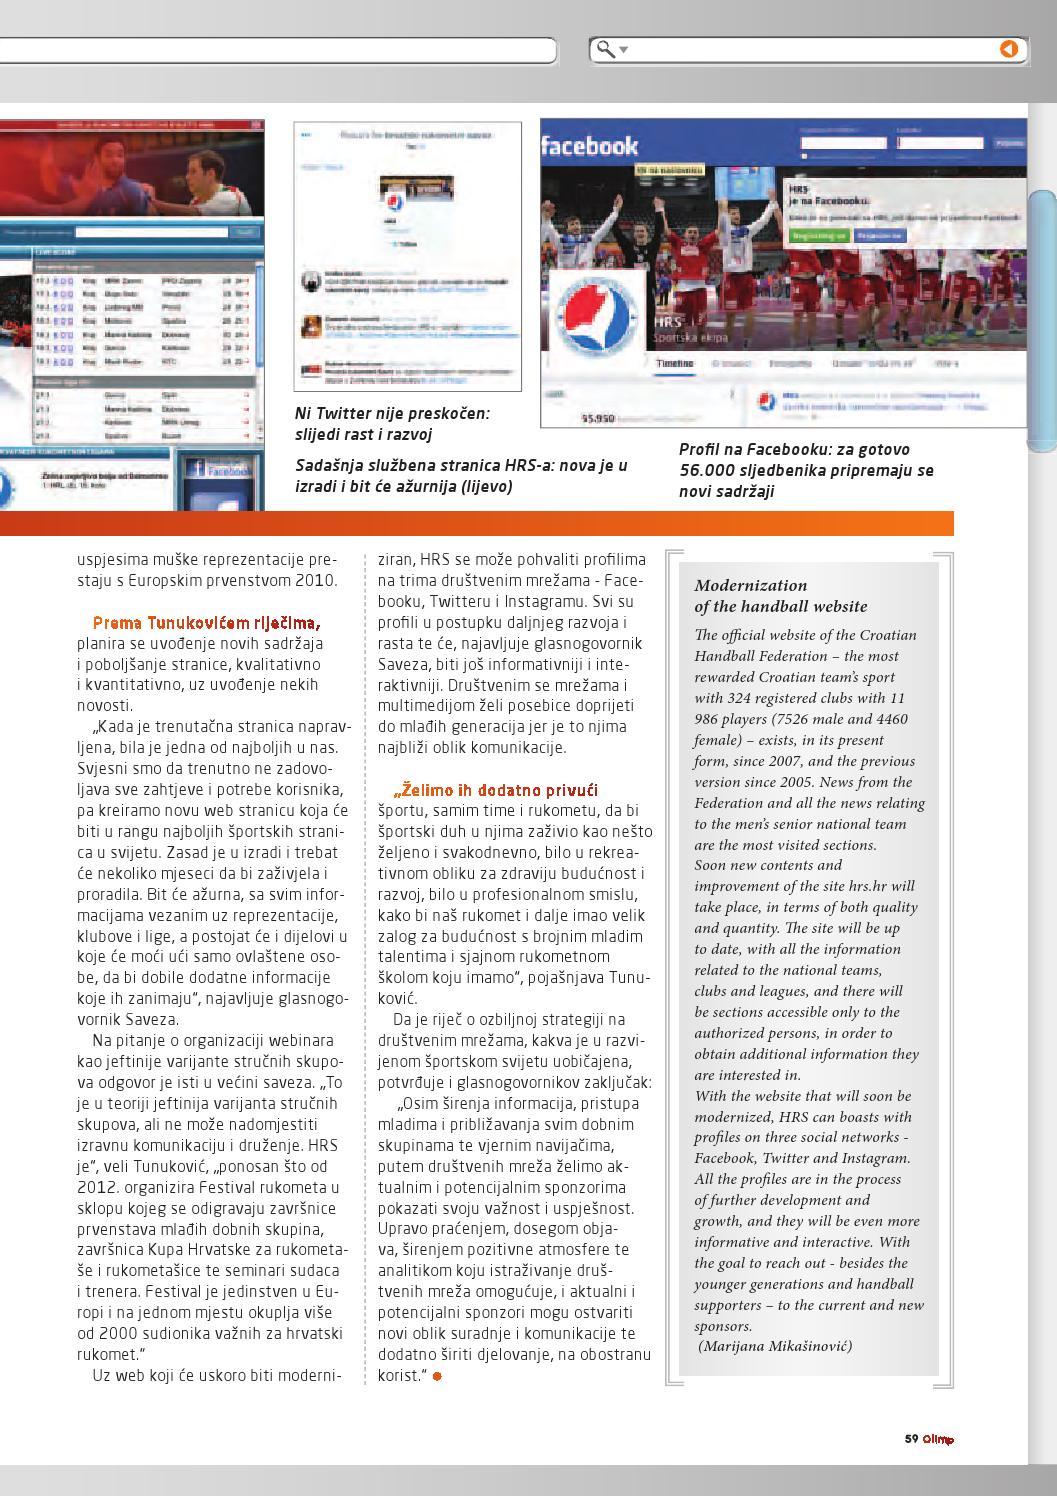 stranica za upoznavanje orlando fl